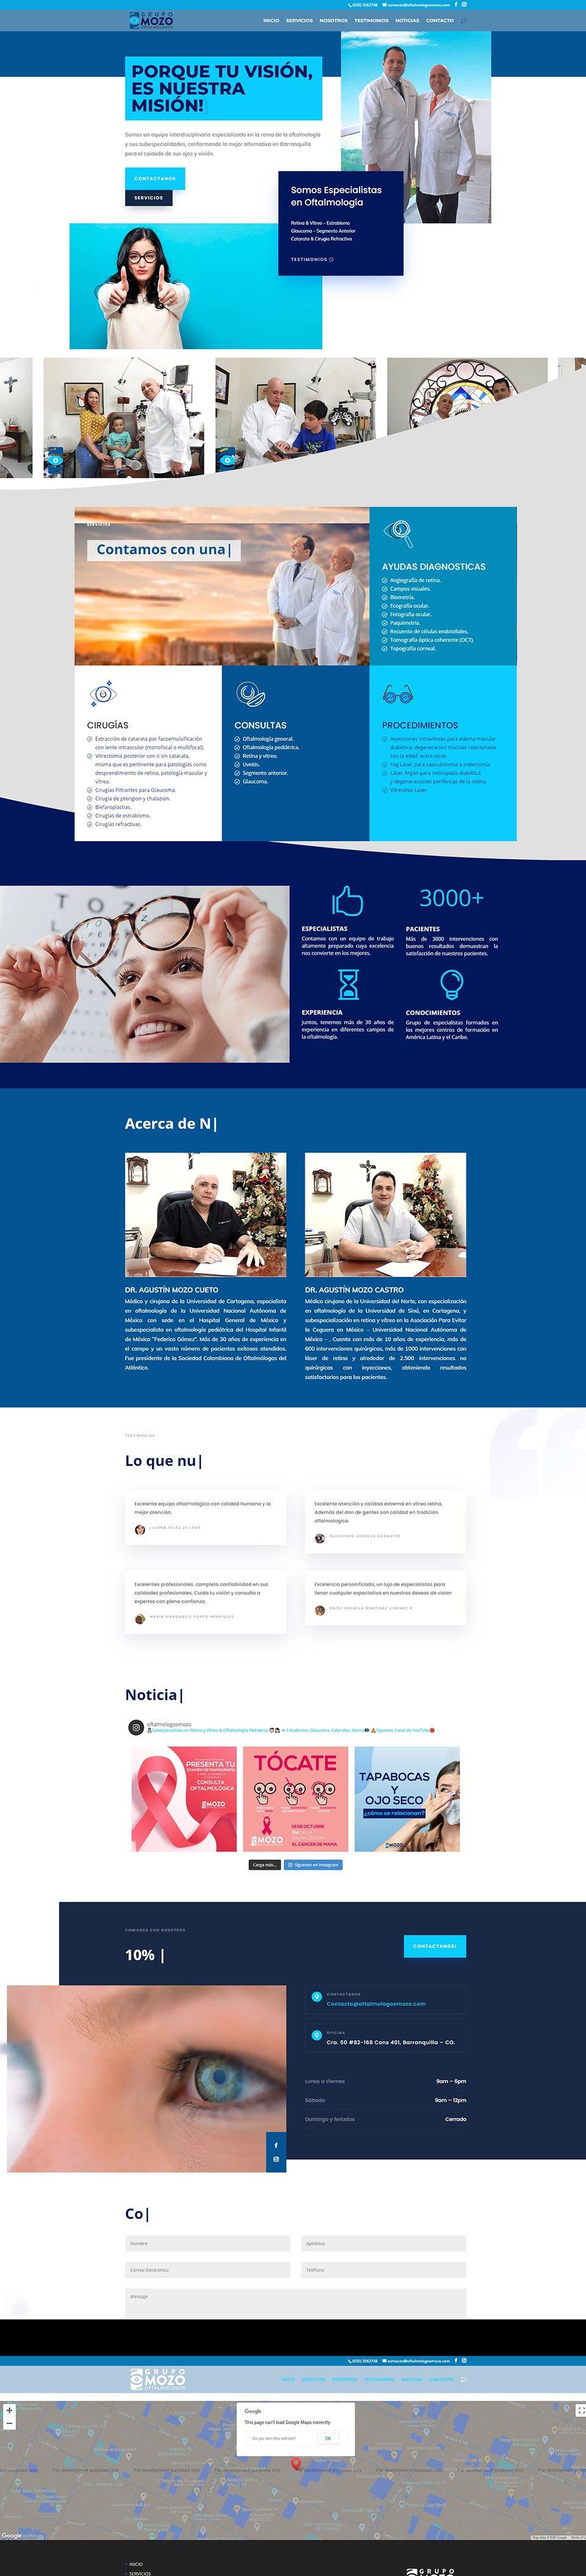 diseño profesional de paginas web